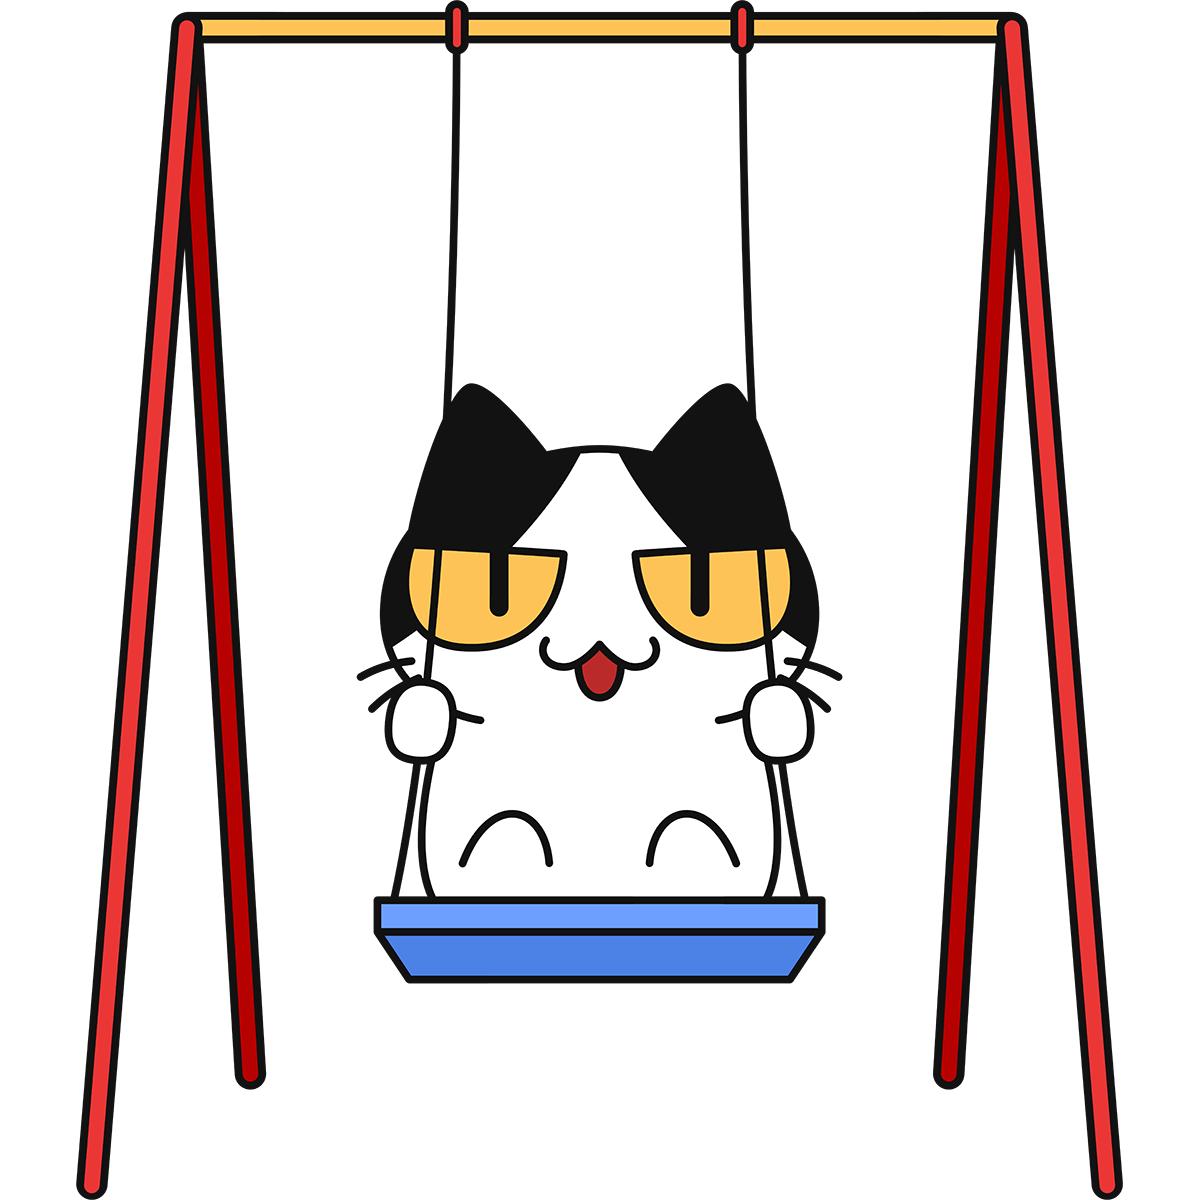 ブランコで遊ぶ猫の無料イラスト